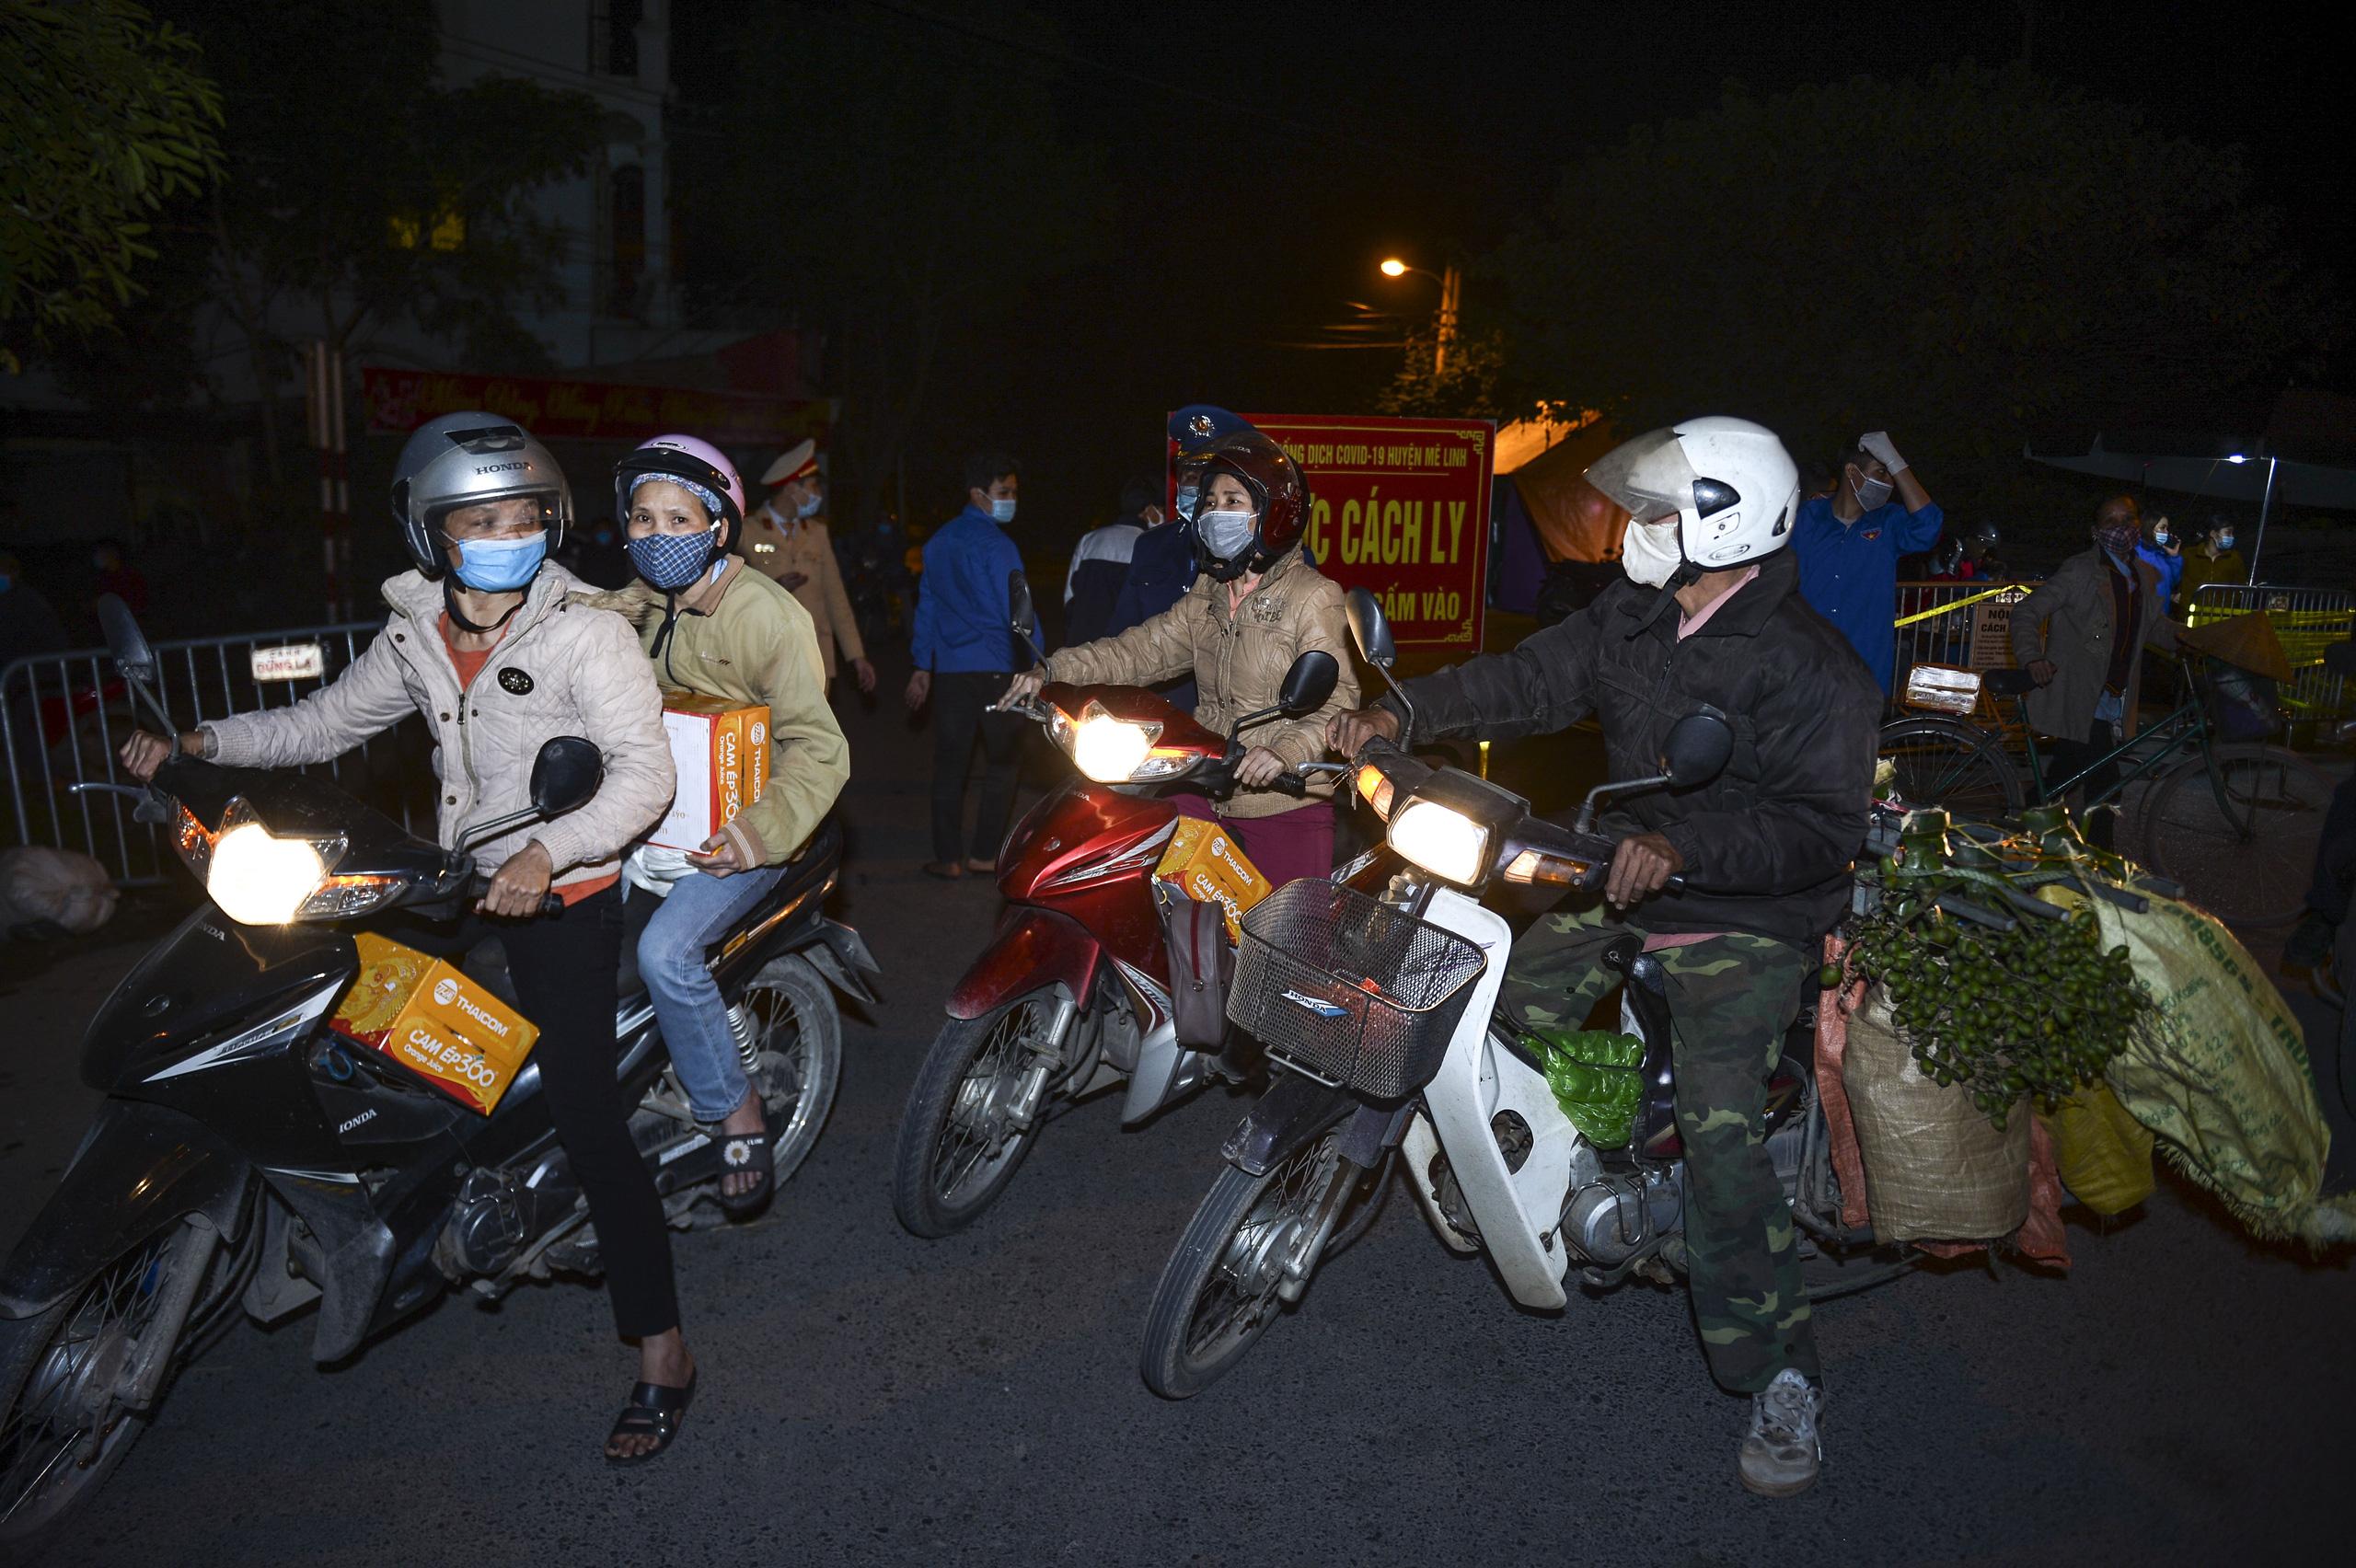 [Ảnh] Xe tuyên truyền phòng, chống COVID-19 ngày đêm đi quanh thôn có người dương tính SARS-CoV-2 ở Hà Nội - Ảnh 5.